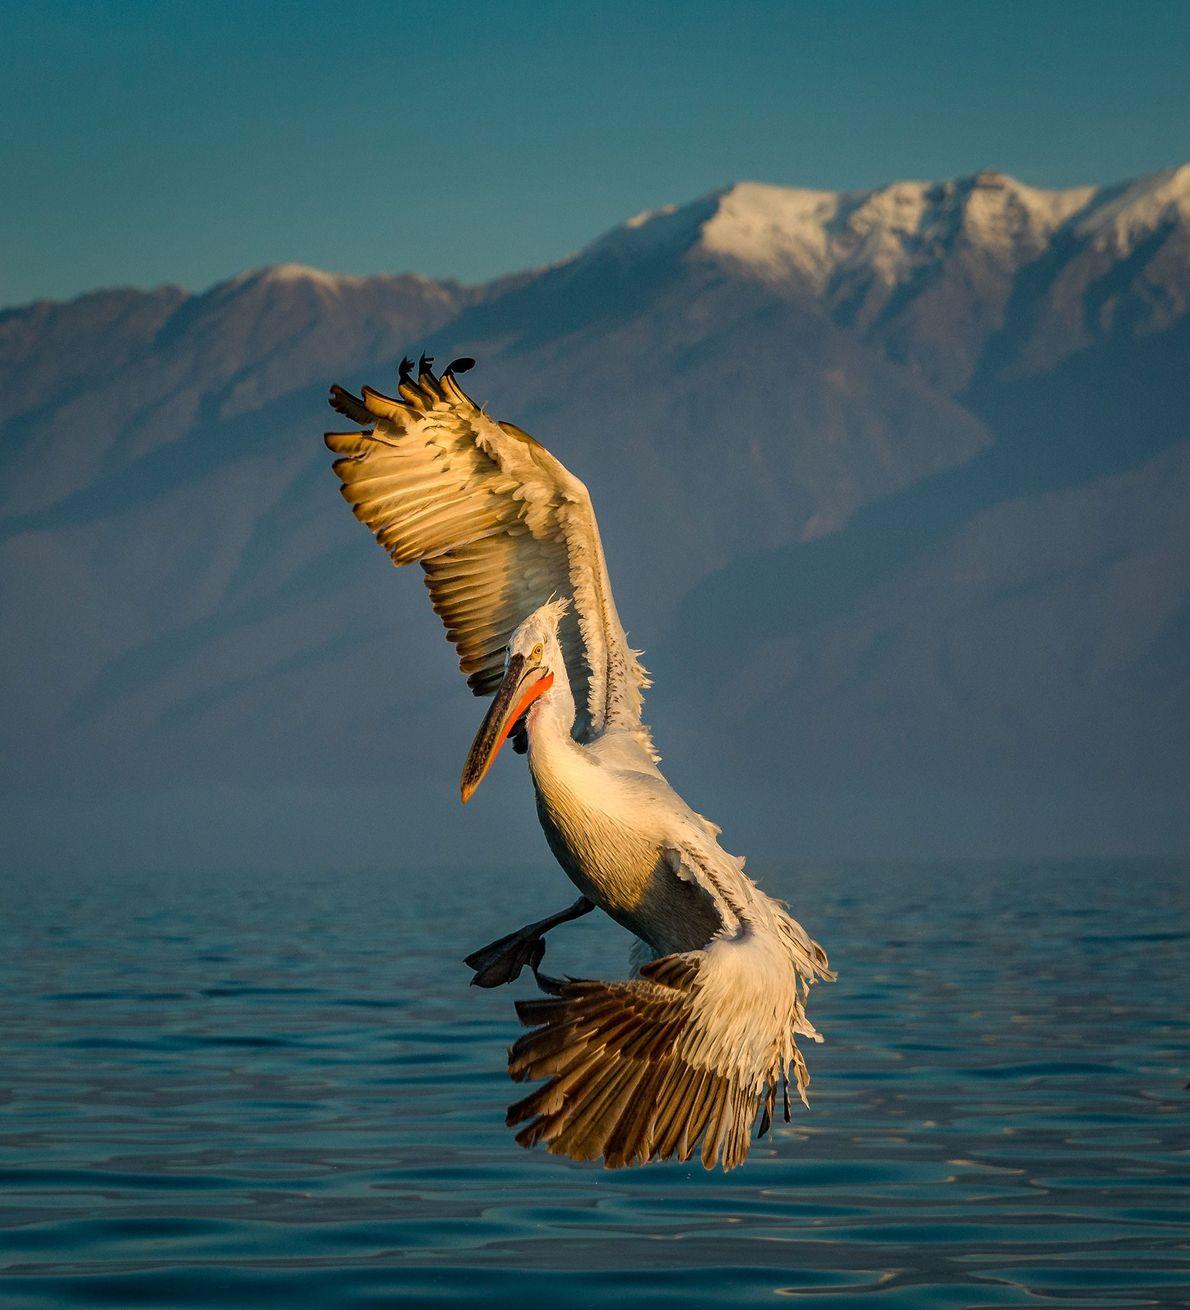 Pelicano. Lago Kerkini, Macedónia, Grécia